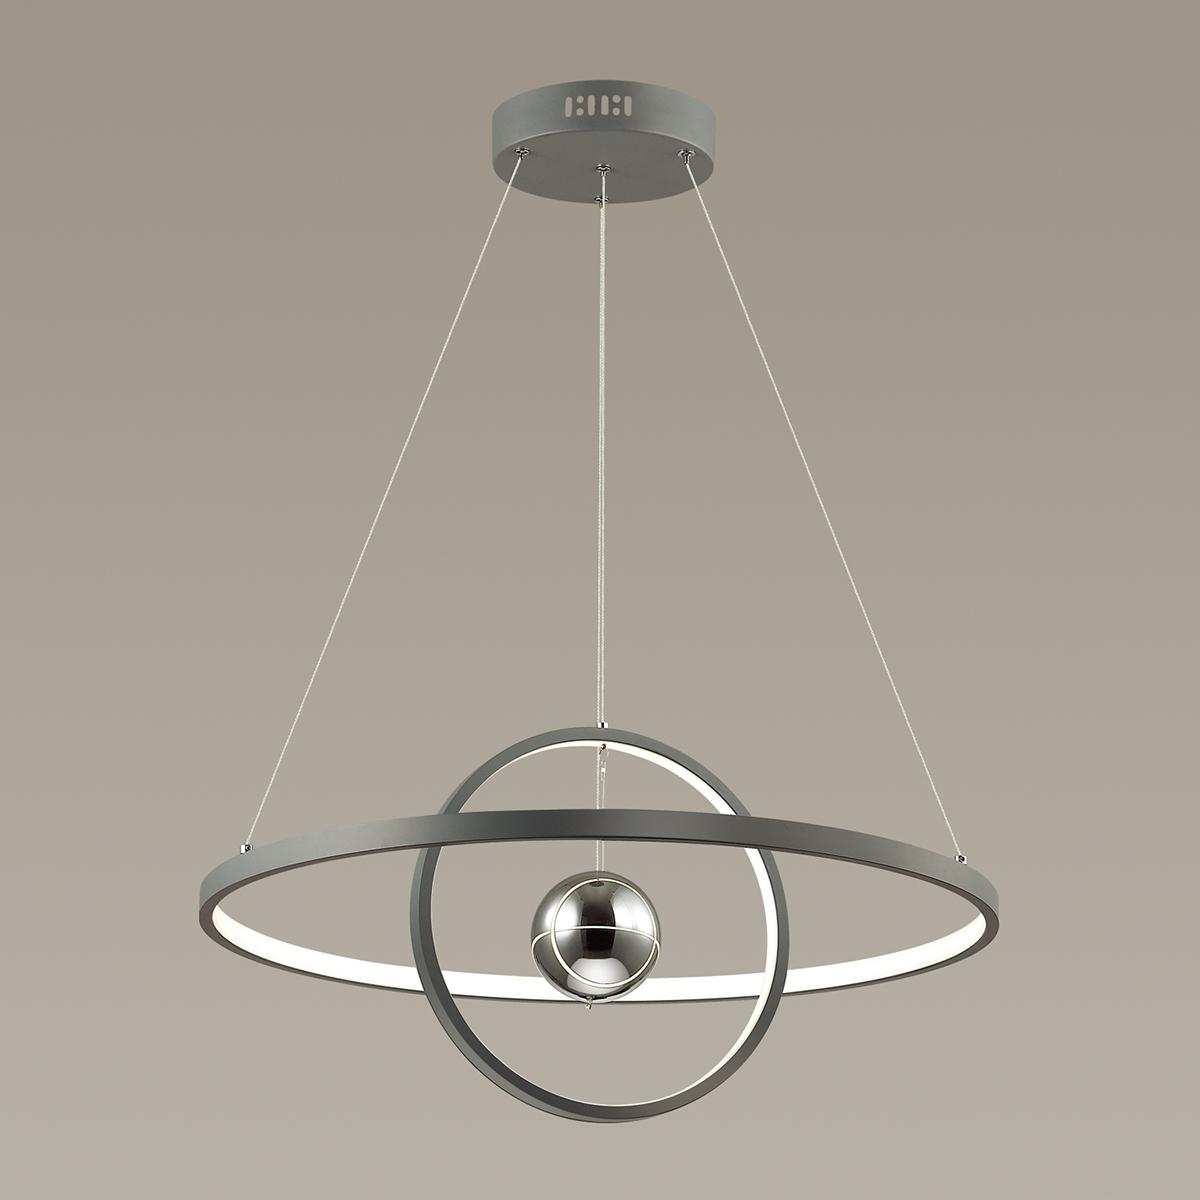 Подвесной светодиодный светильник Odeon Light L-Vision Lond 4031/40L, LED 40W 3000K 3600lm, темно-серый, хром, металл, пластик, стекло - фото 2